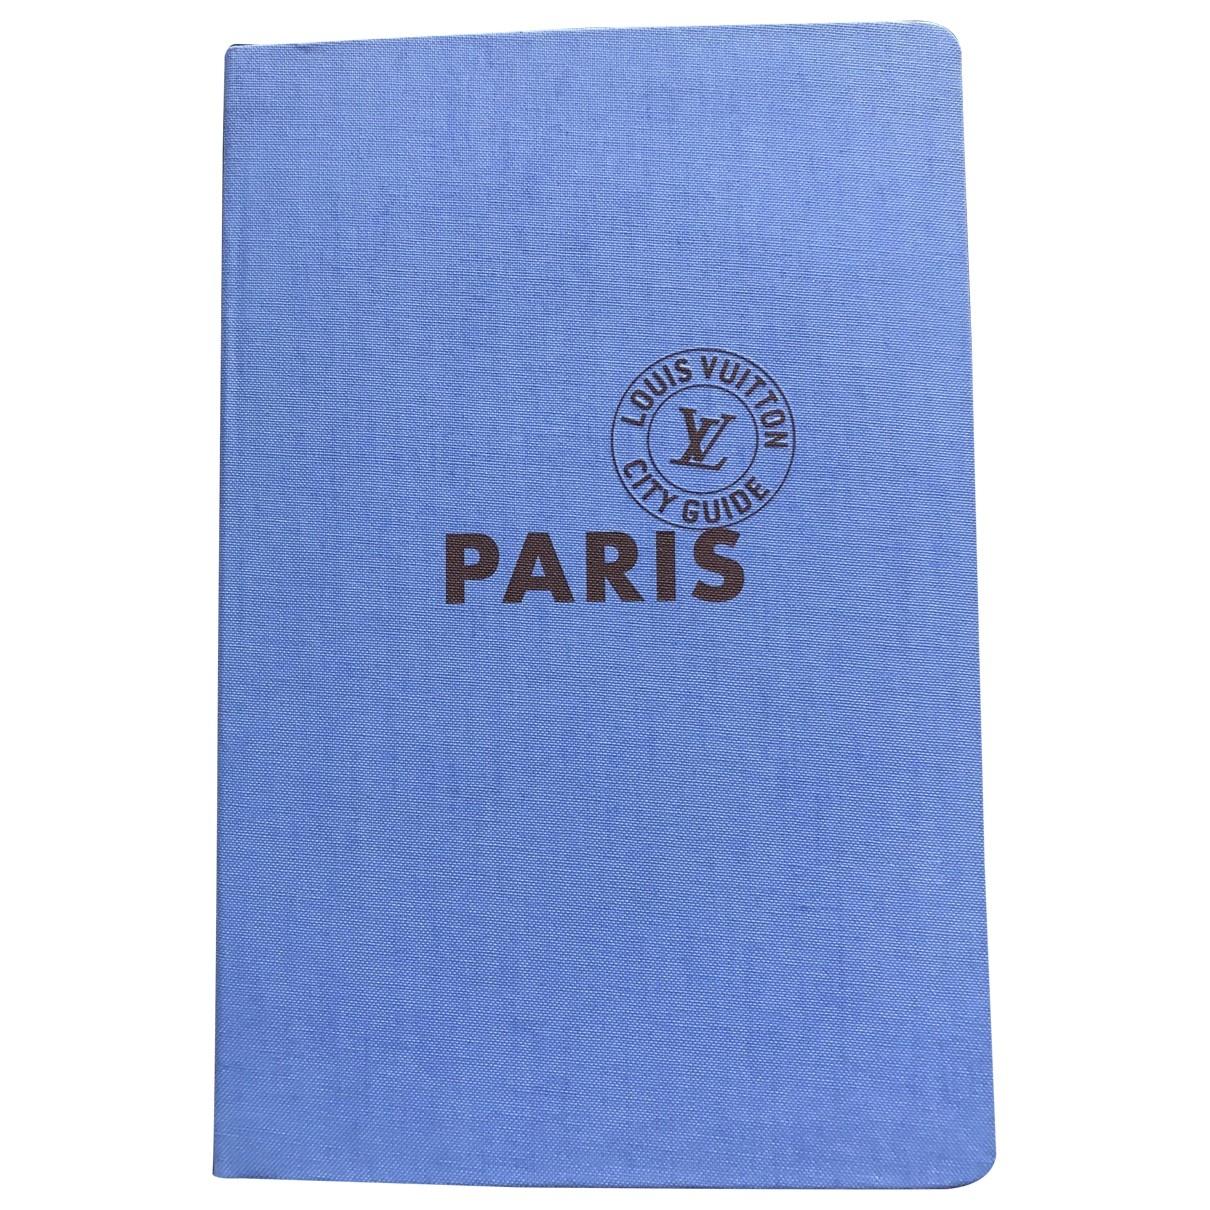 Louis Vuitton - Voyages City Guide pour lifestyle en autre - bleu